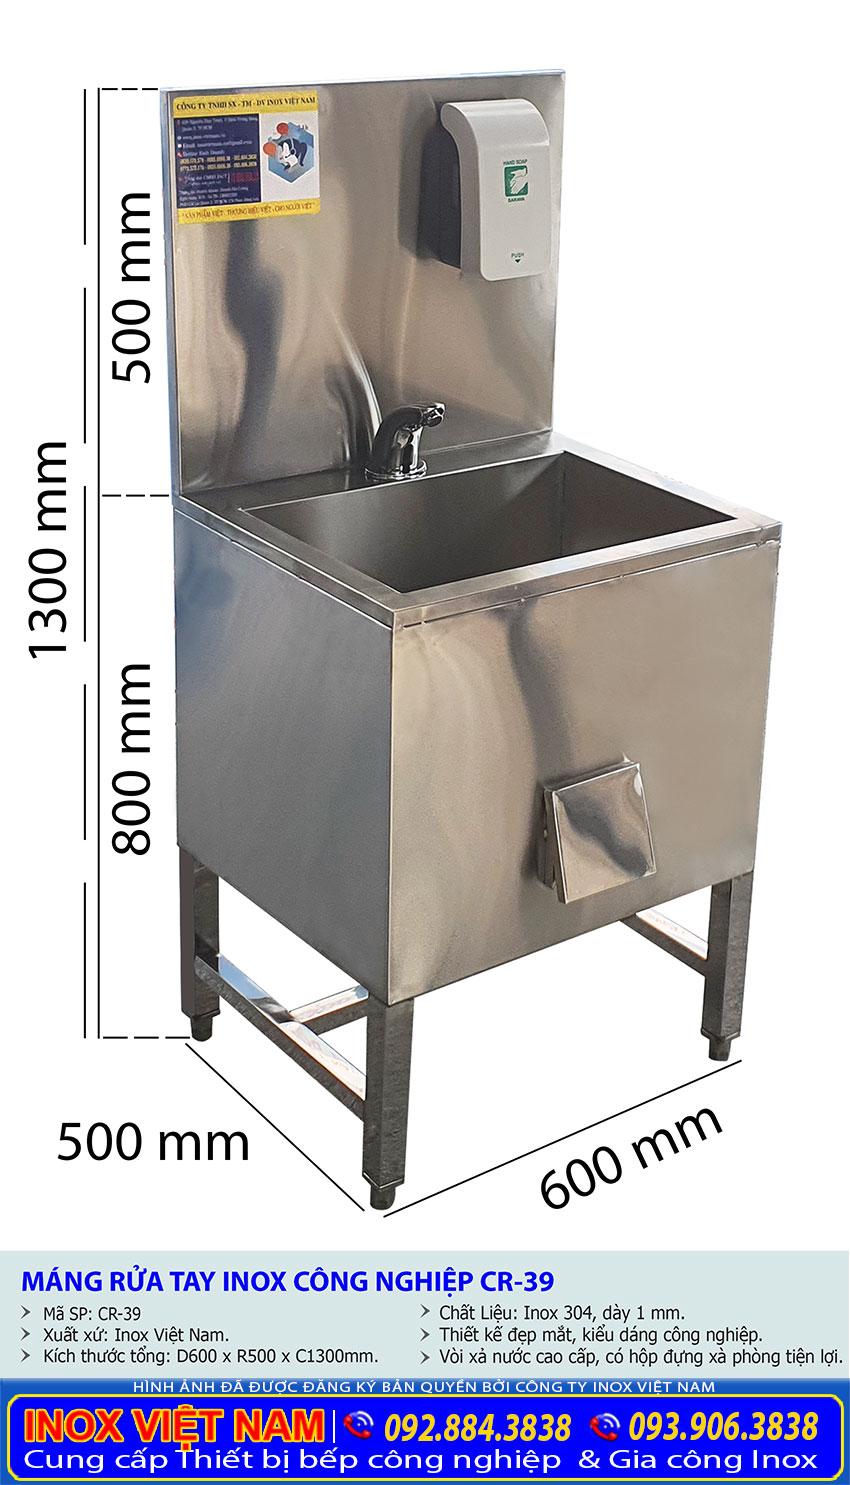 Kích thước chậu rửa inox đơn có bình đựng xà phòng CR-39.